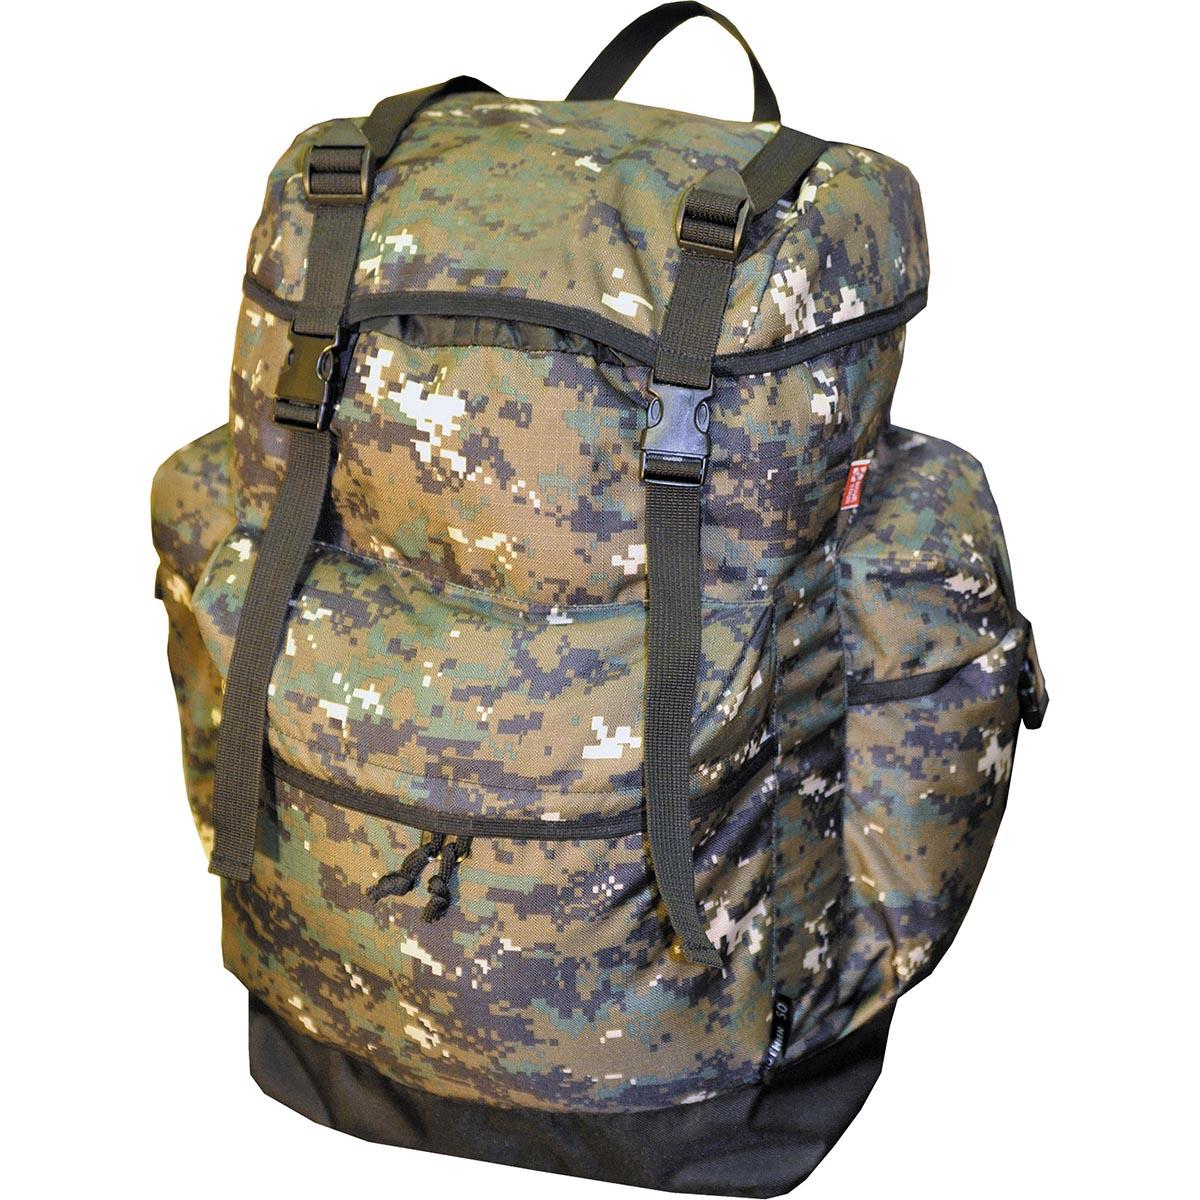 Купить в москве рюкзак охотник 70 v2 рюкзак овечка